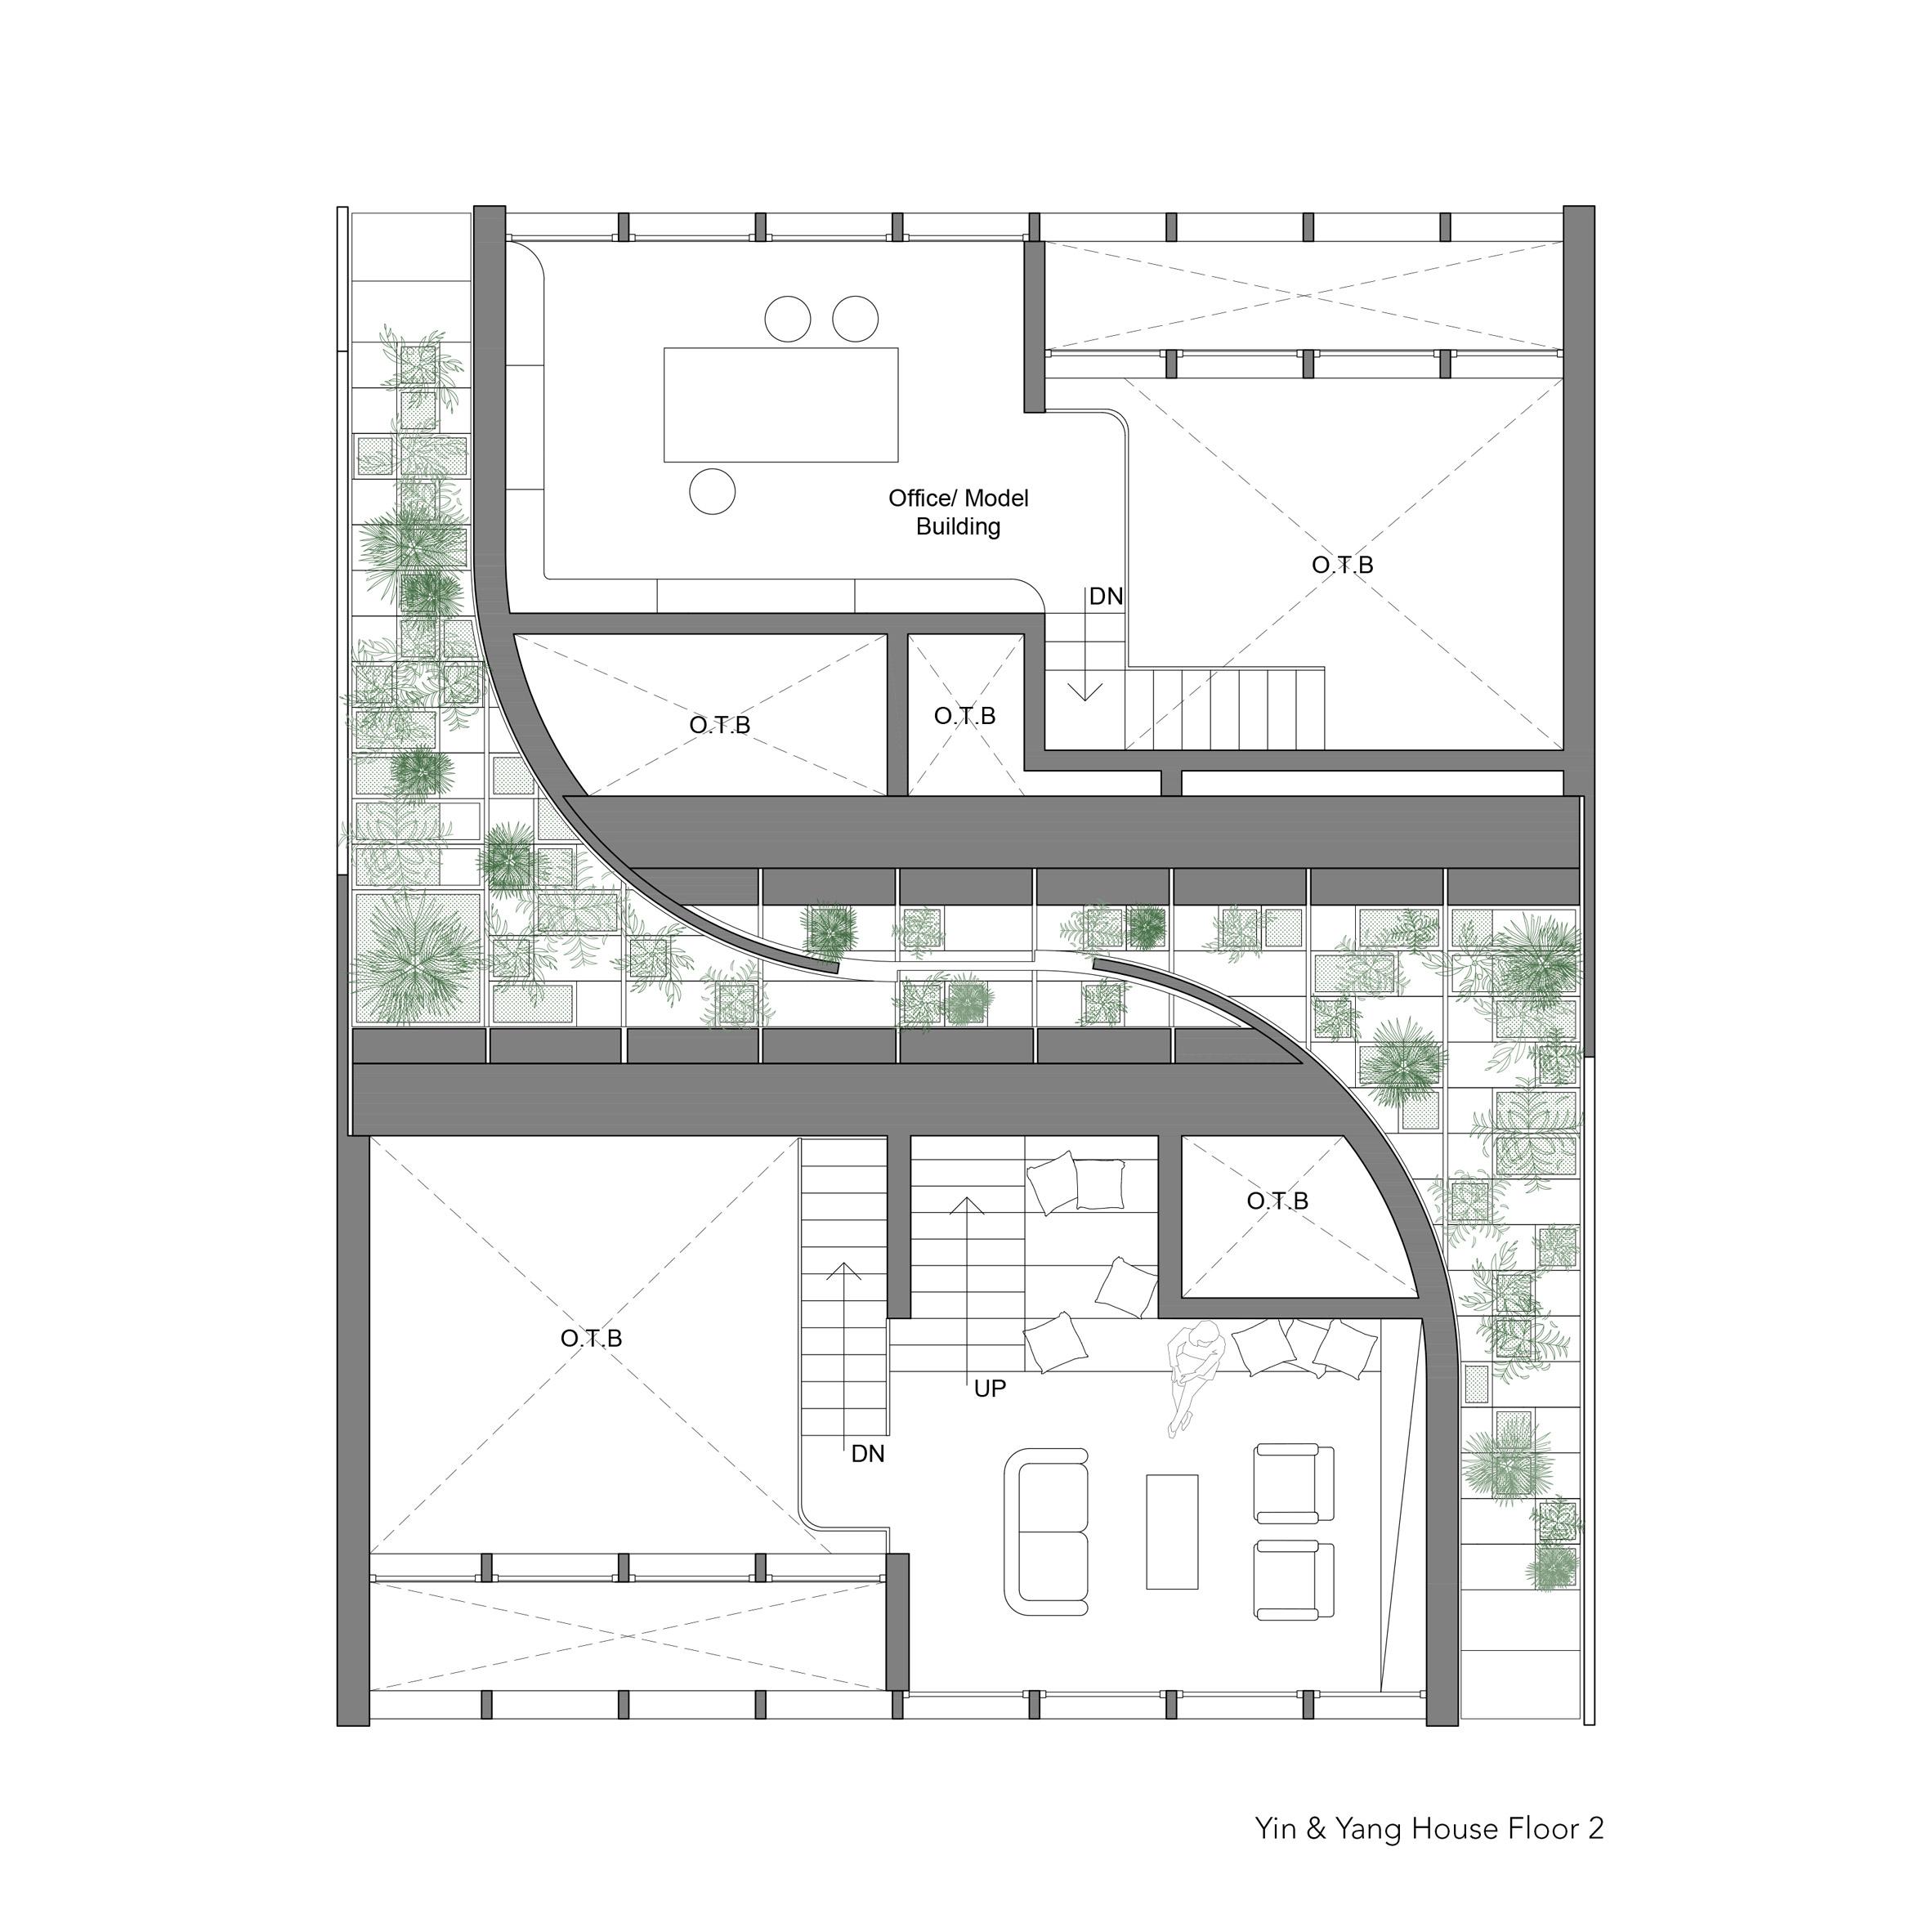 yin-yang-house-penda-architecture_dezeen_2364_plan-1